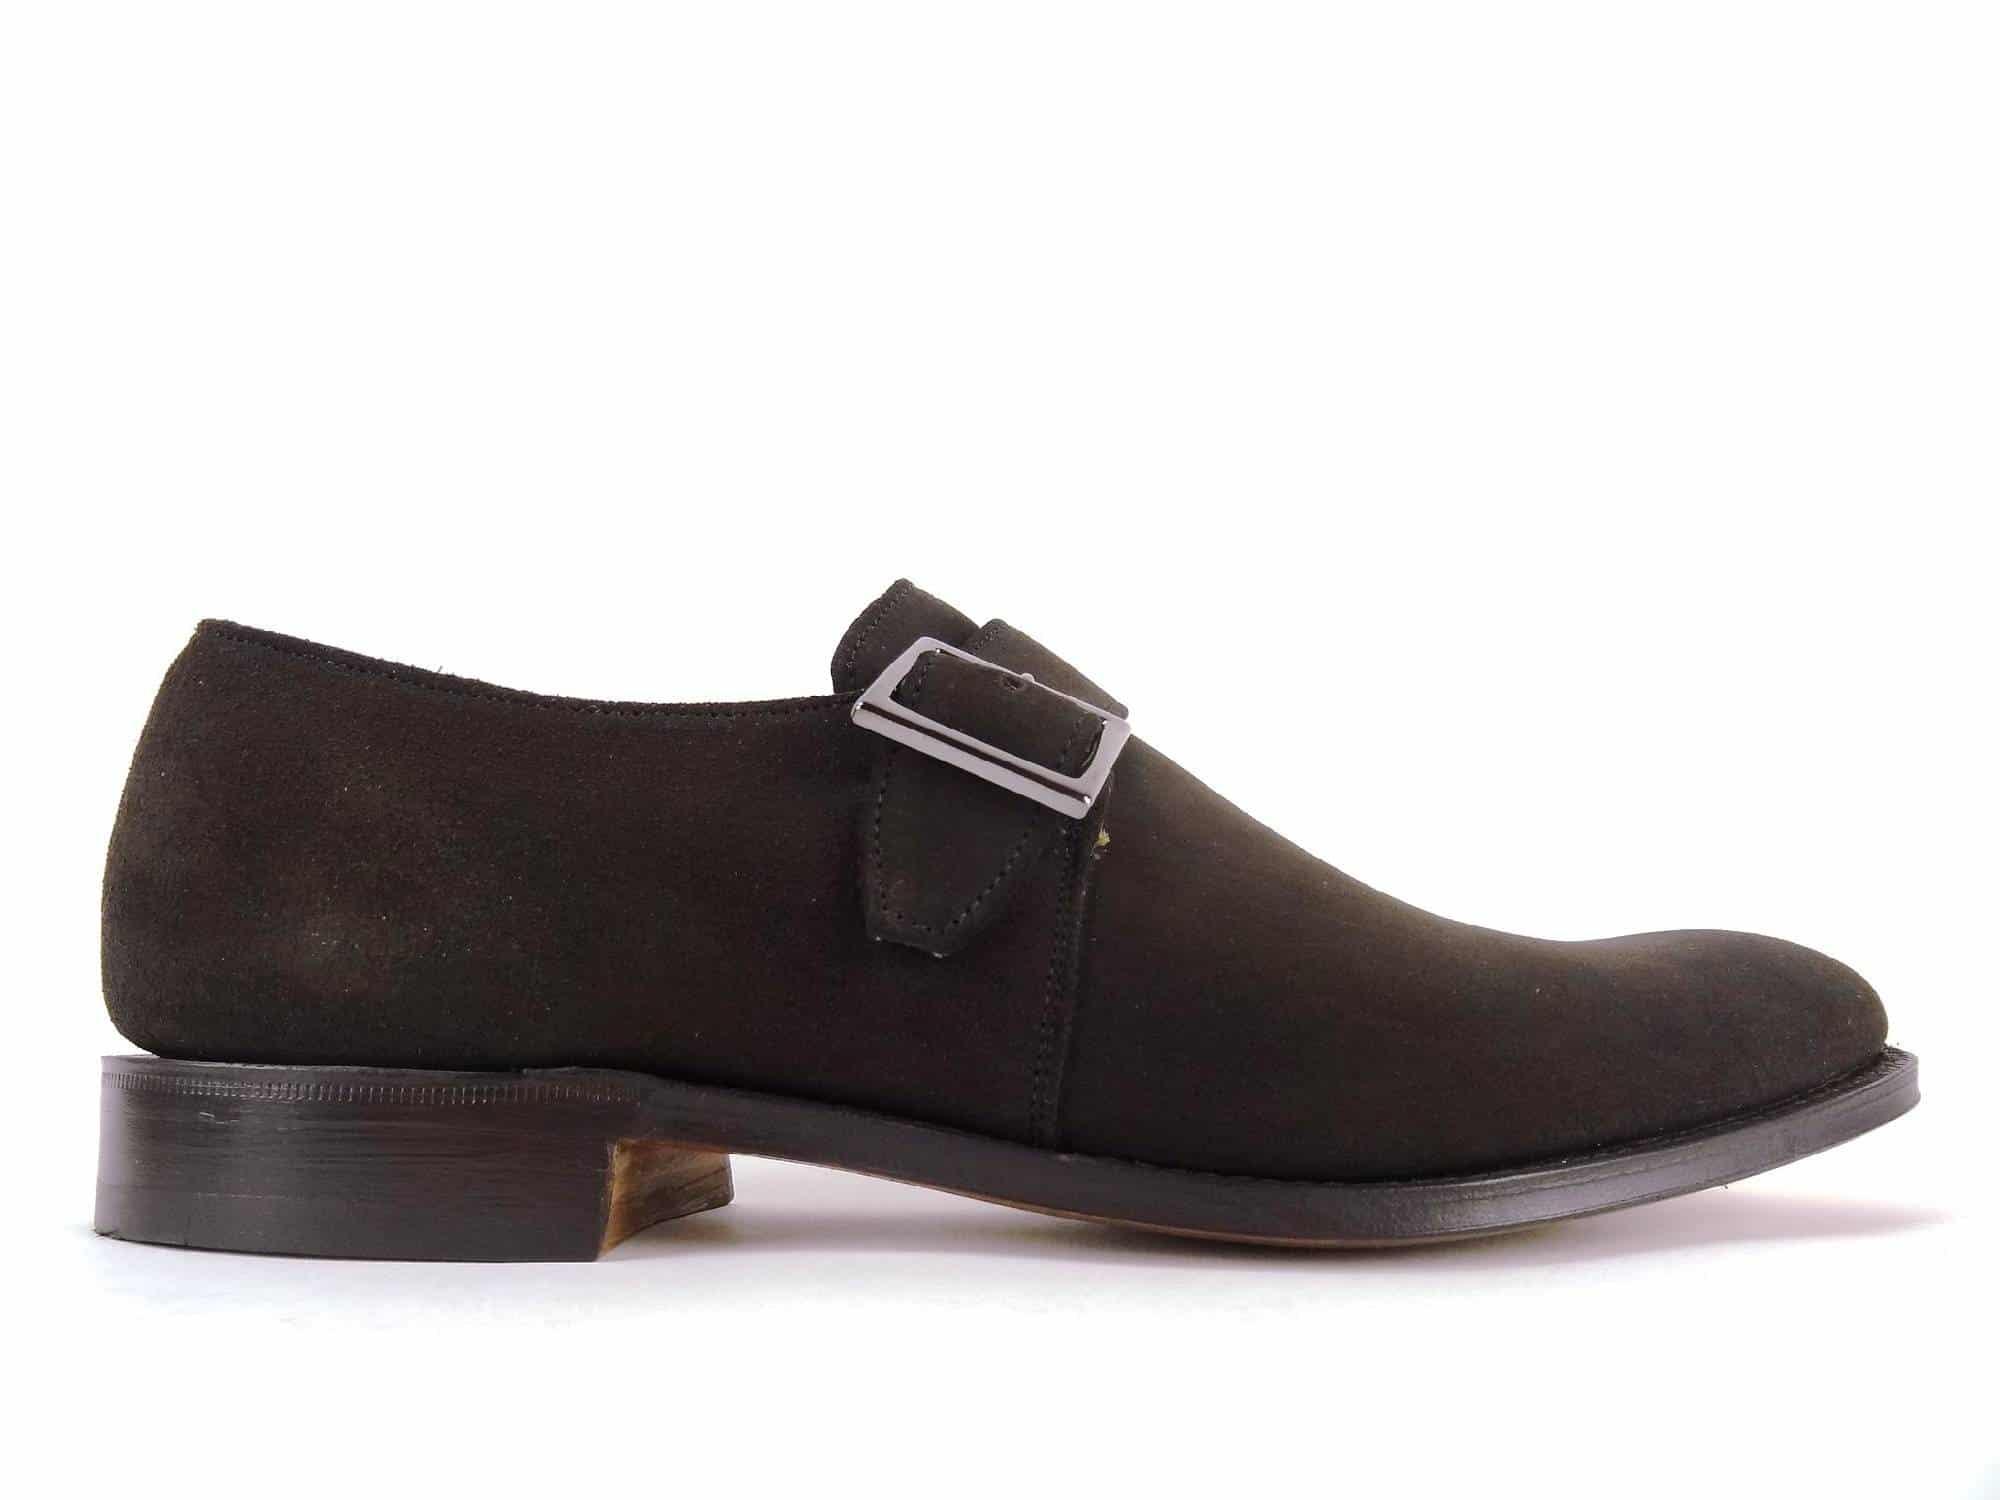 Comment entretenir les chaussures